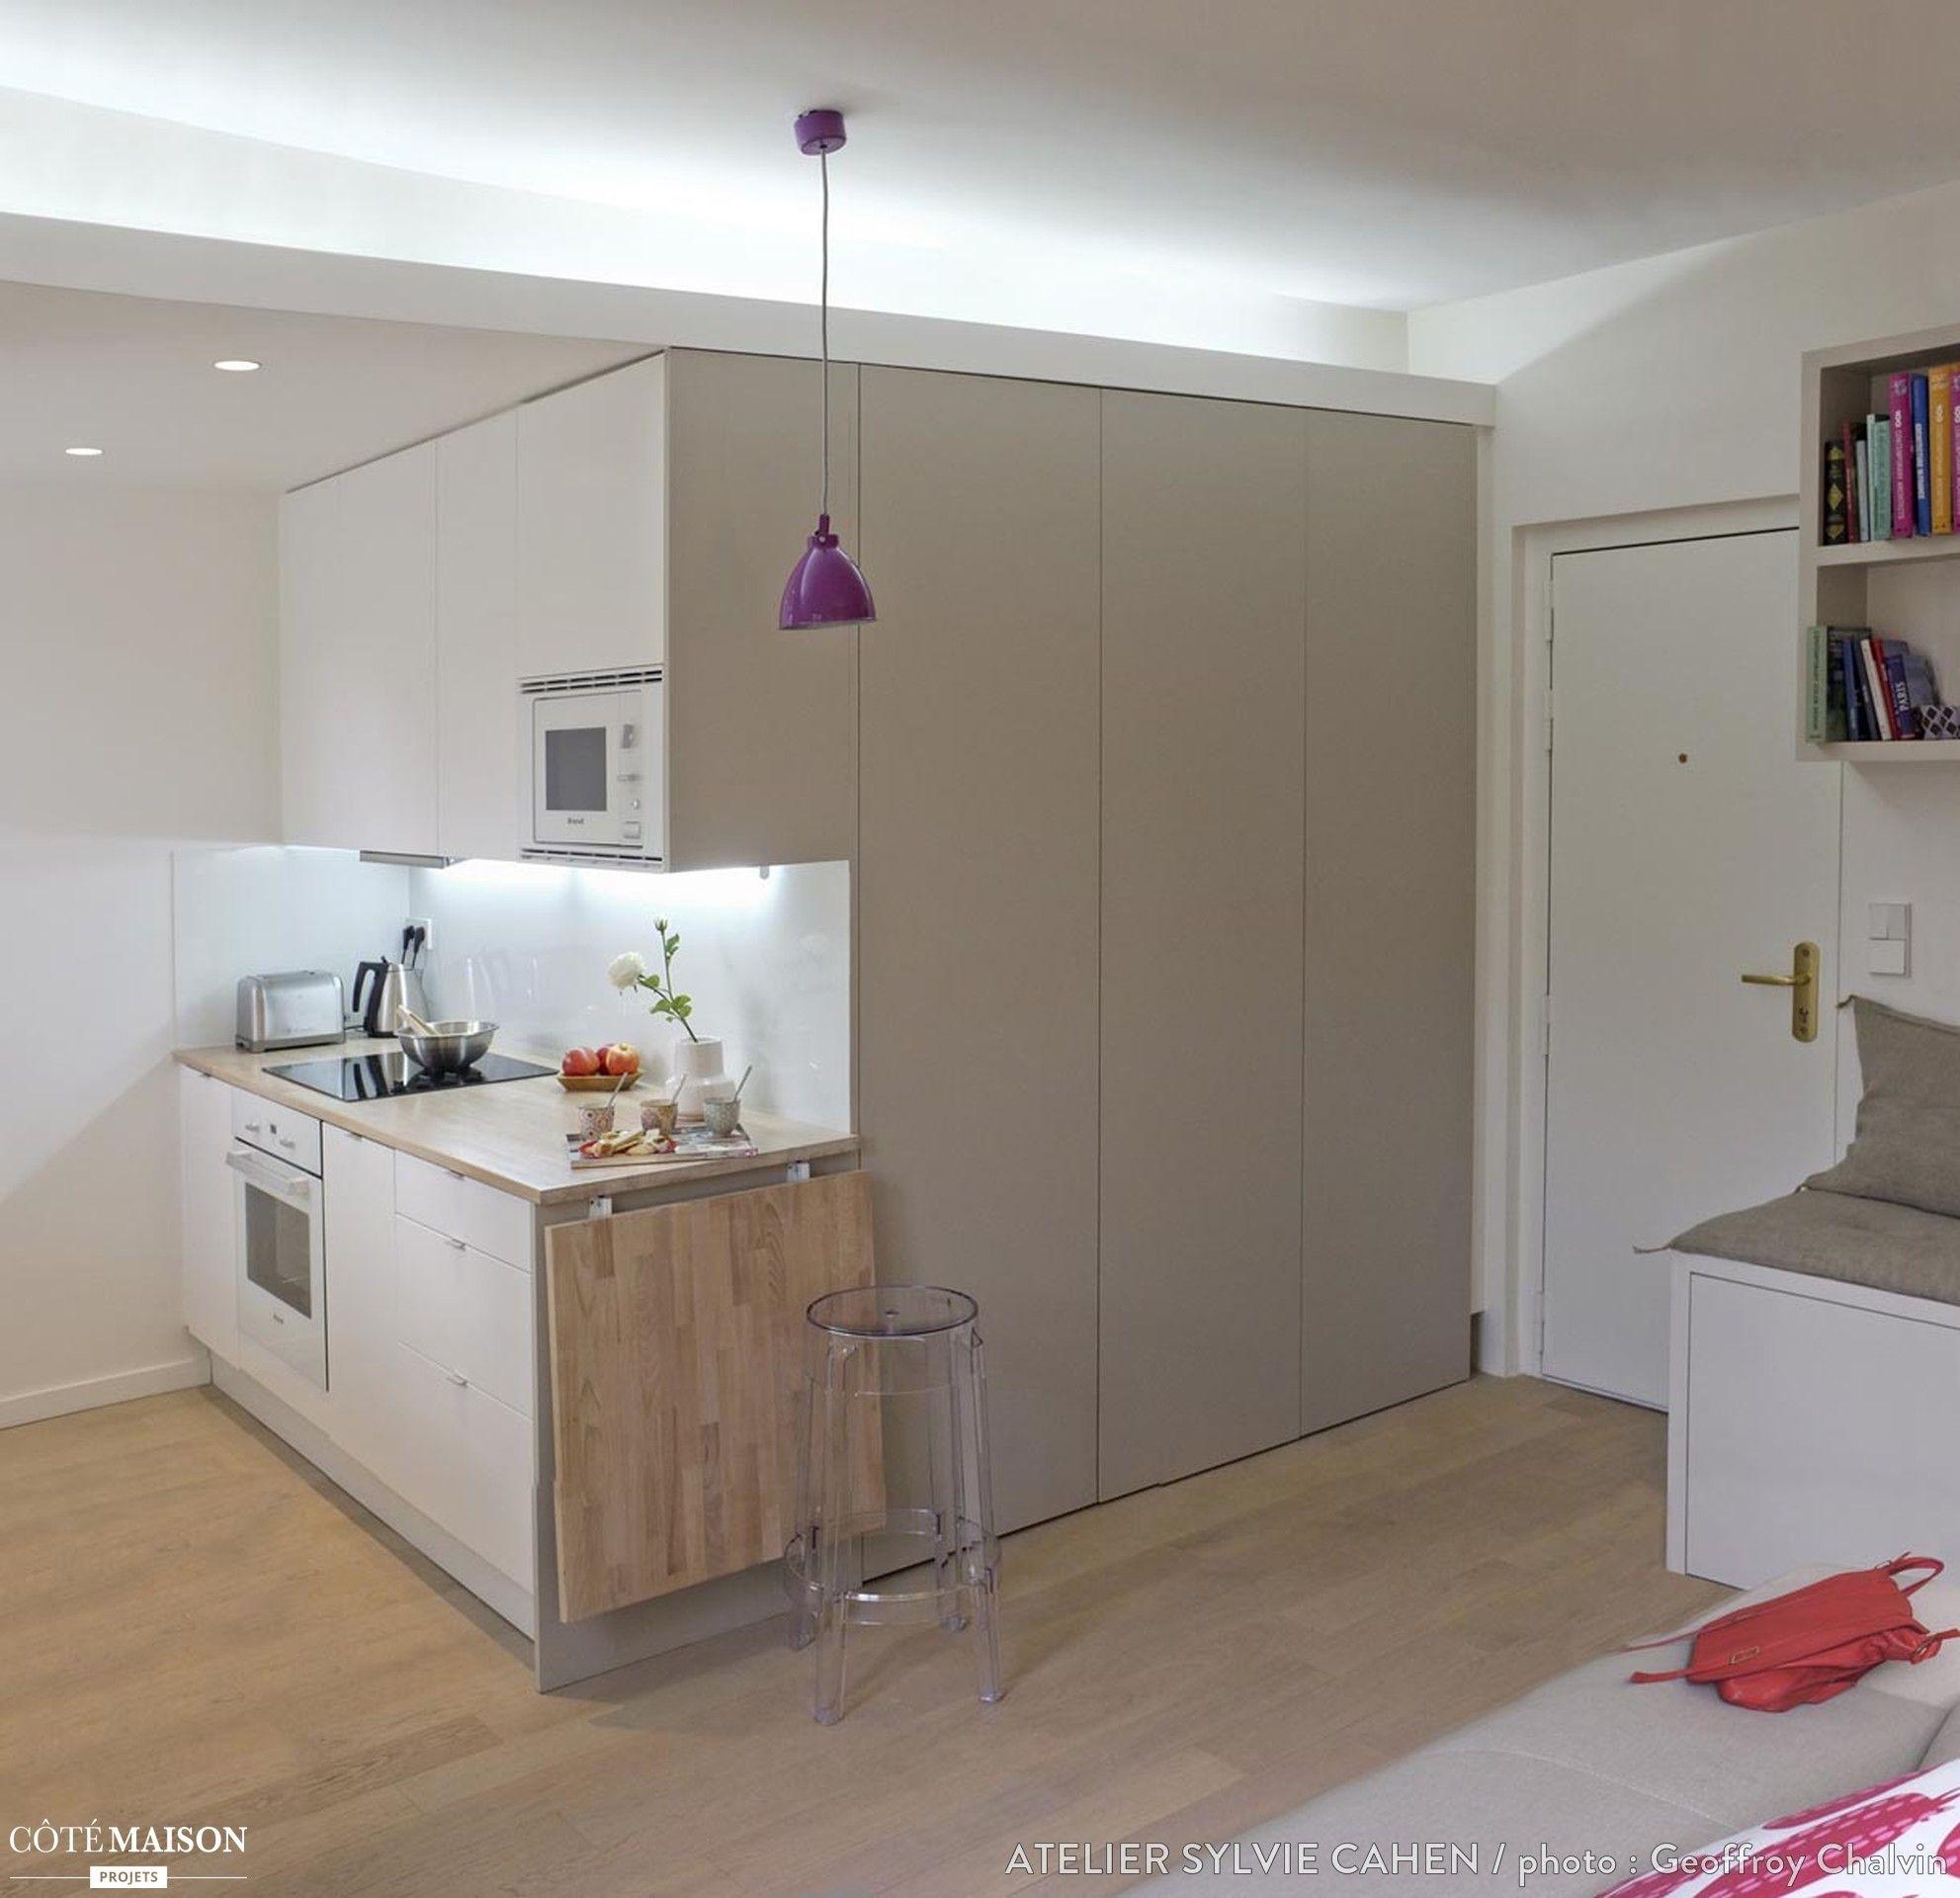 un pied terre rue gutenberg paris 15e atelier sylvie cahen c t maison inspiration. Black Bedroom Furniture Sets. Home Design Ideas